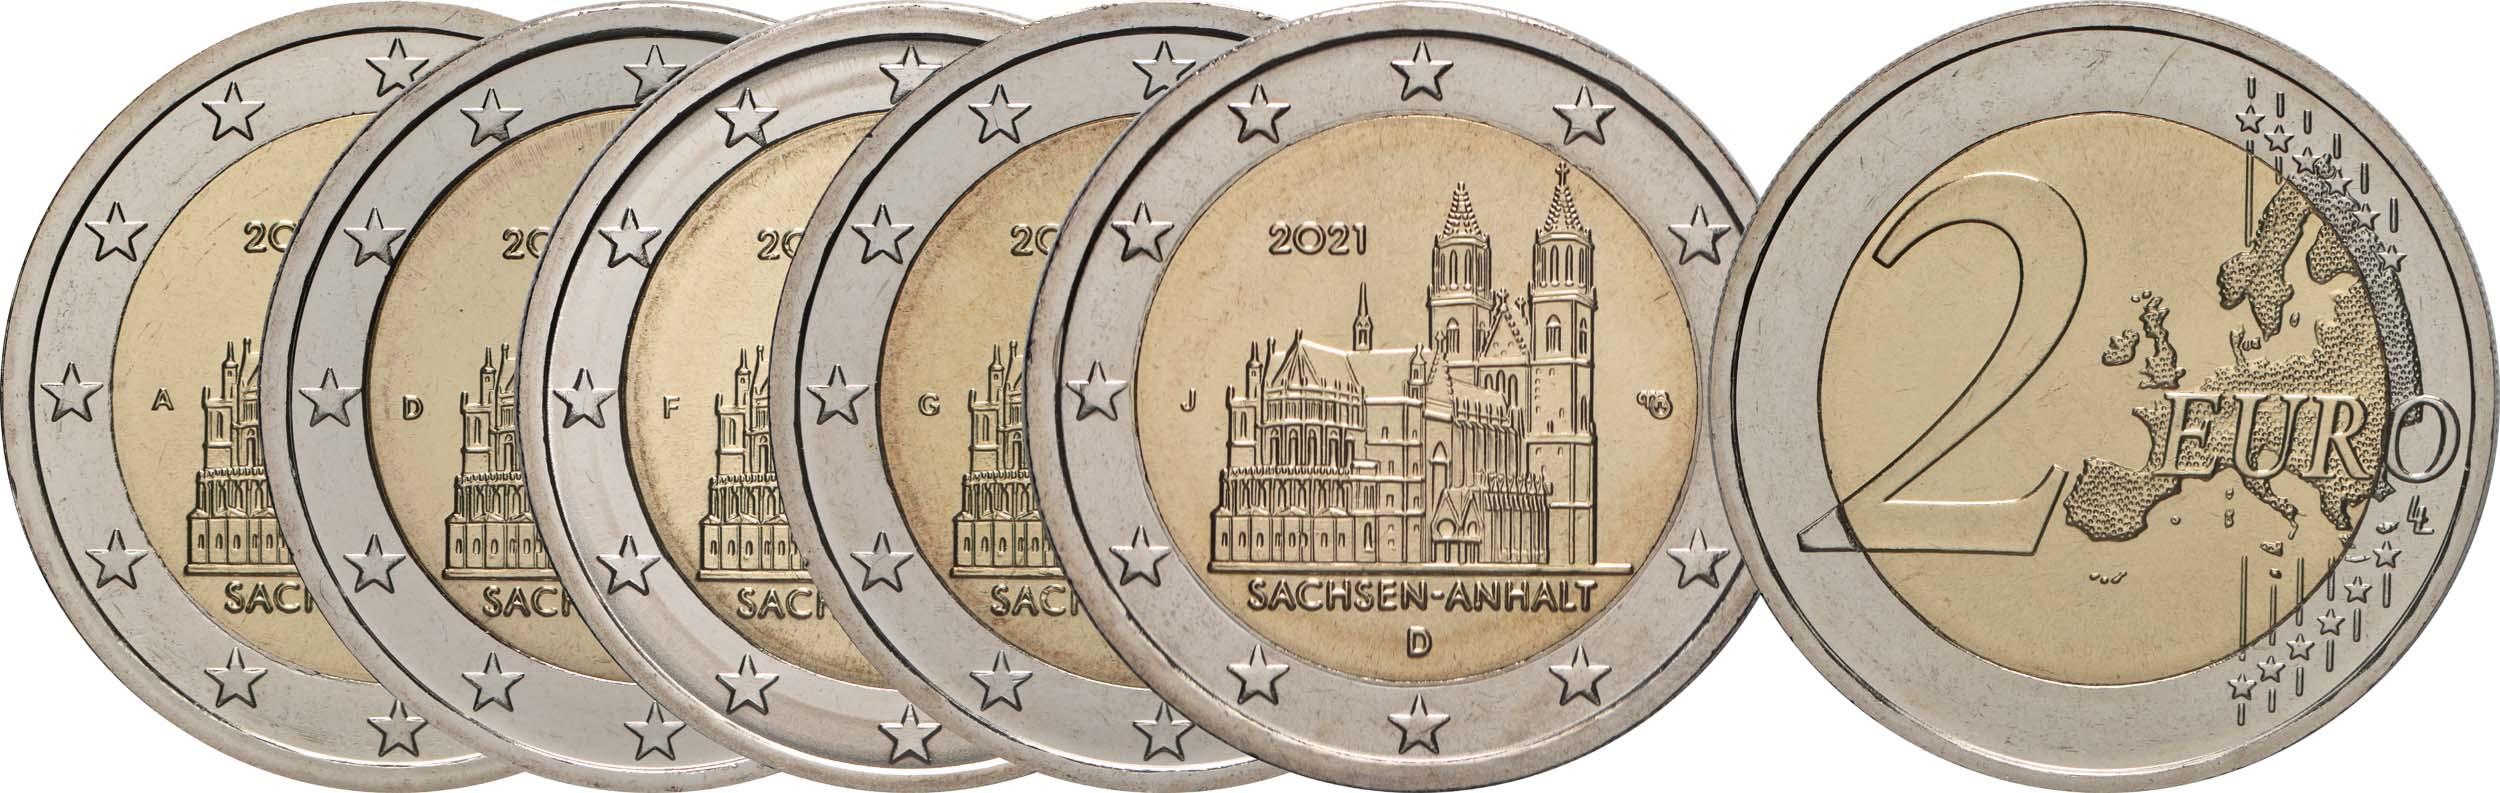 Lieferumfang:Deutschland : 2 Euro Sachsen-Anhalt - Magdeburger Dom Komplettsatz A-J  2021 bfr